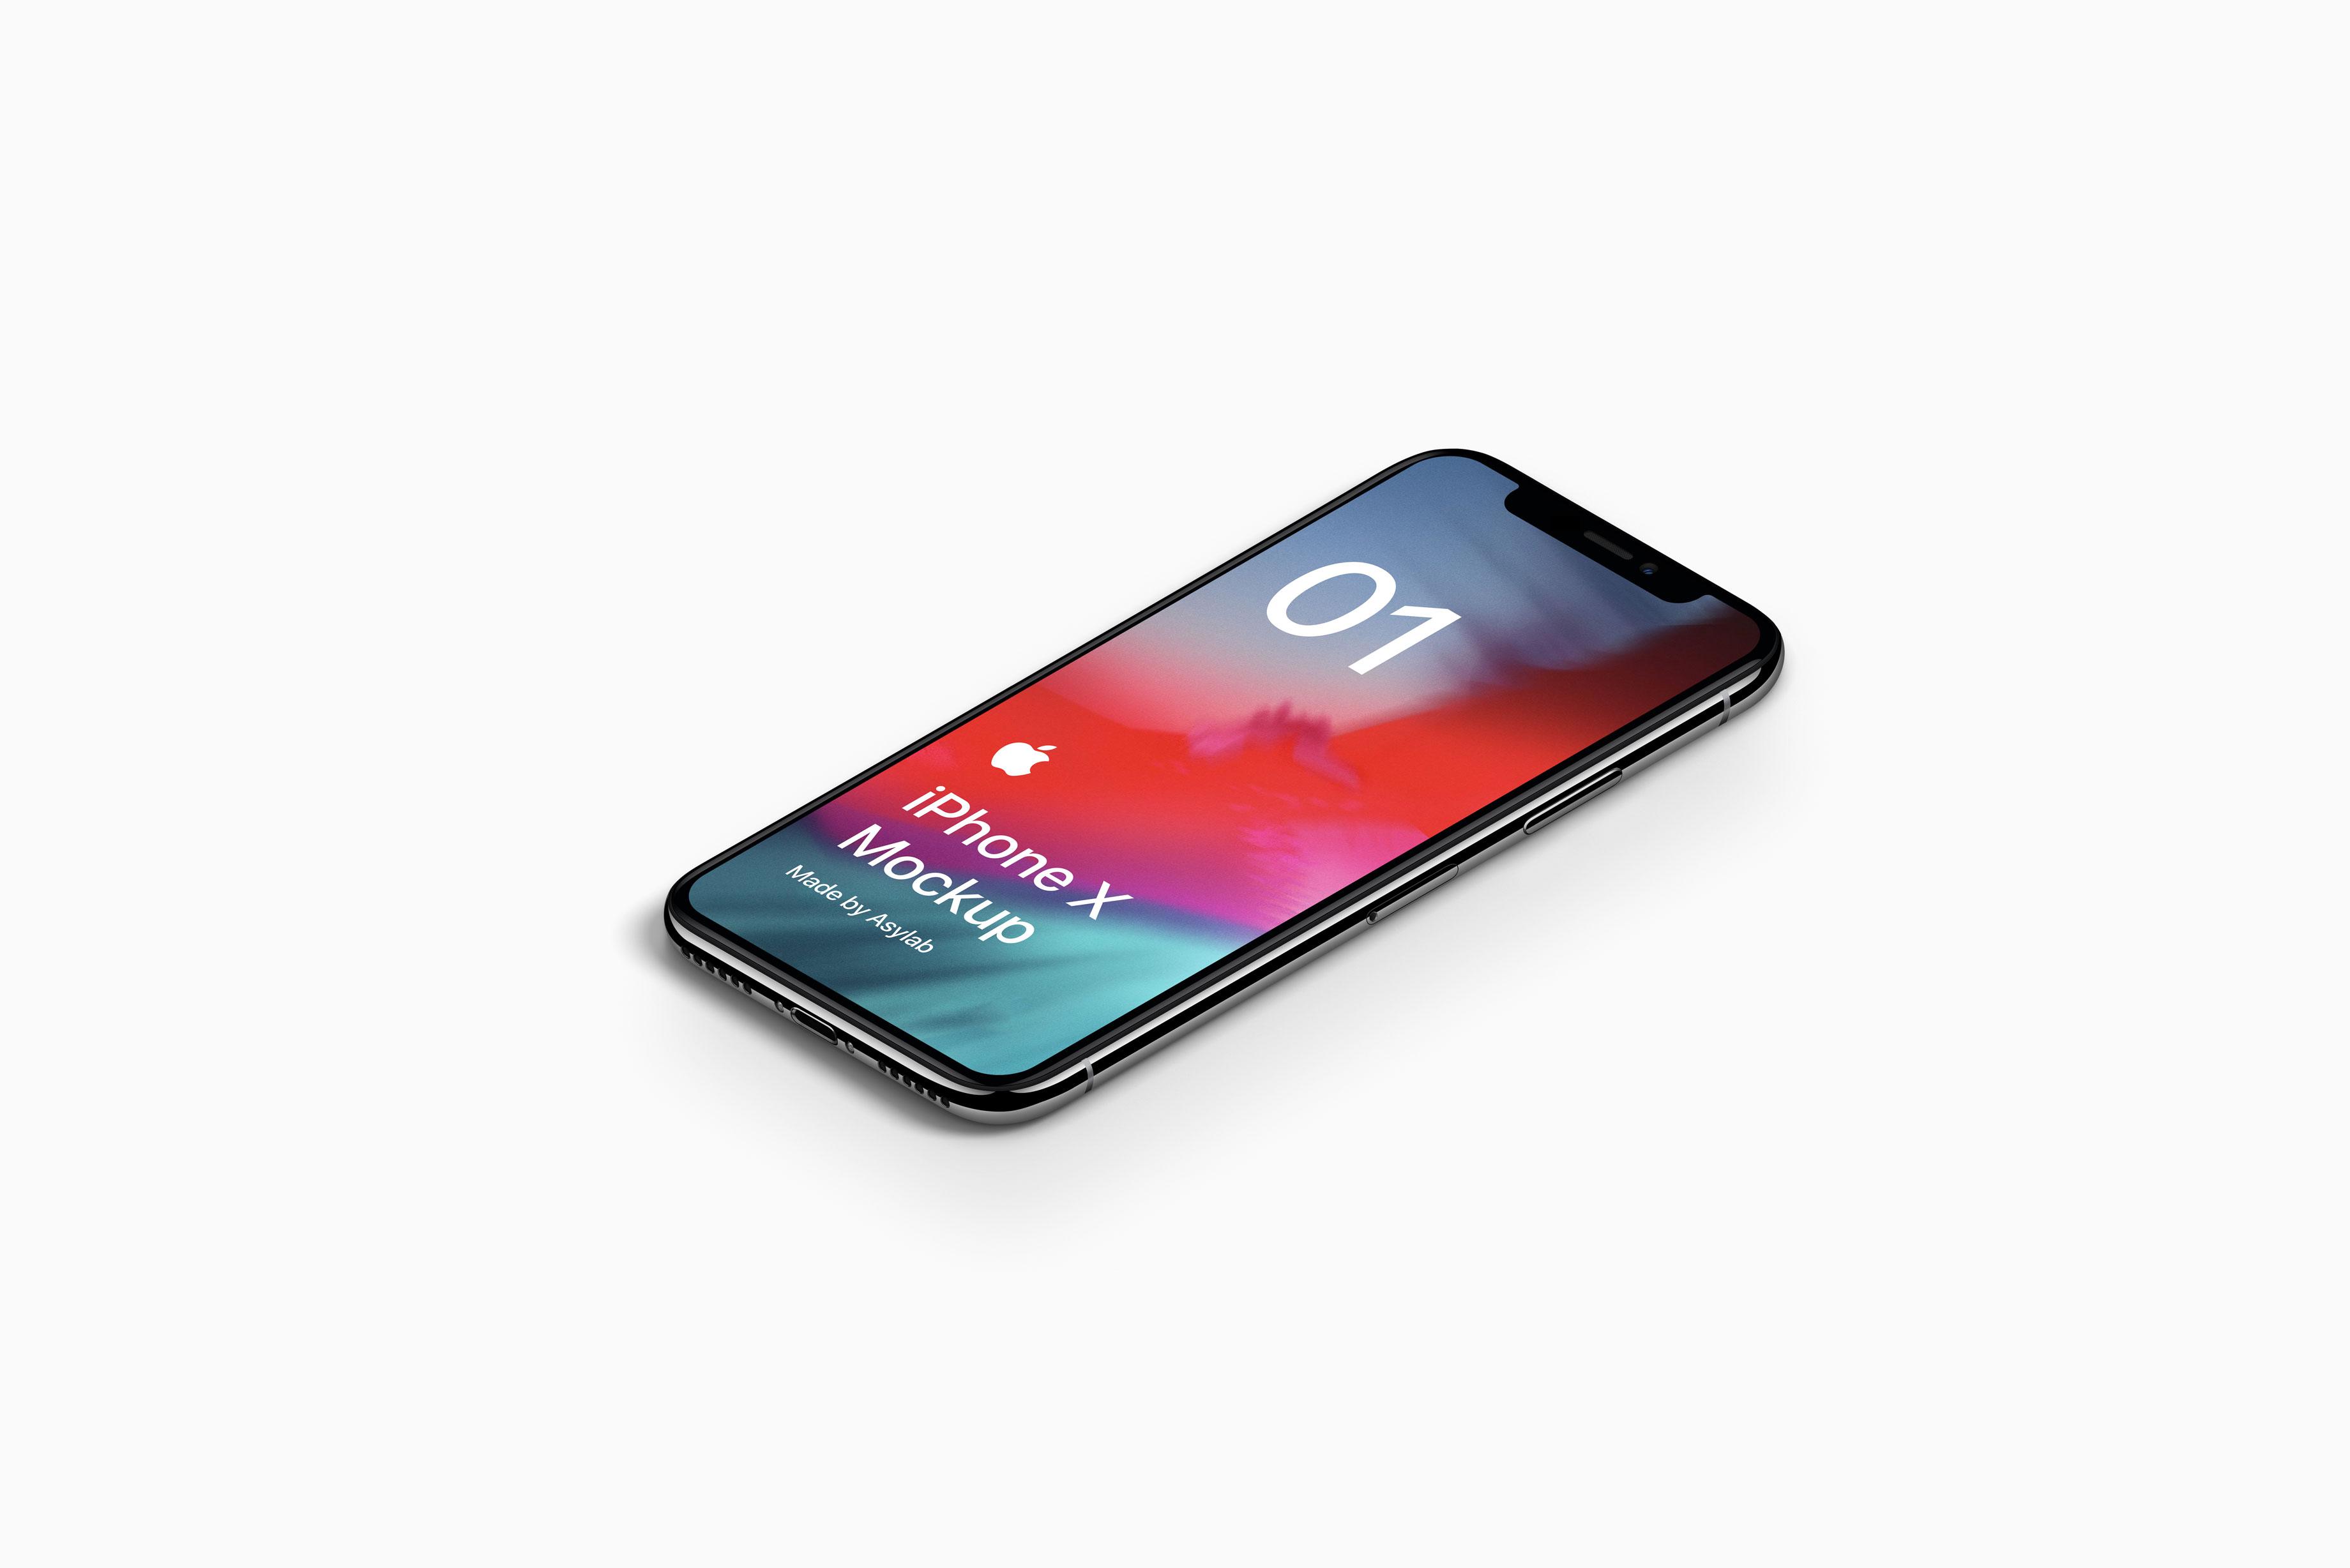 21c532617e0bfb0 - 苹果iPhoneX UI样机